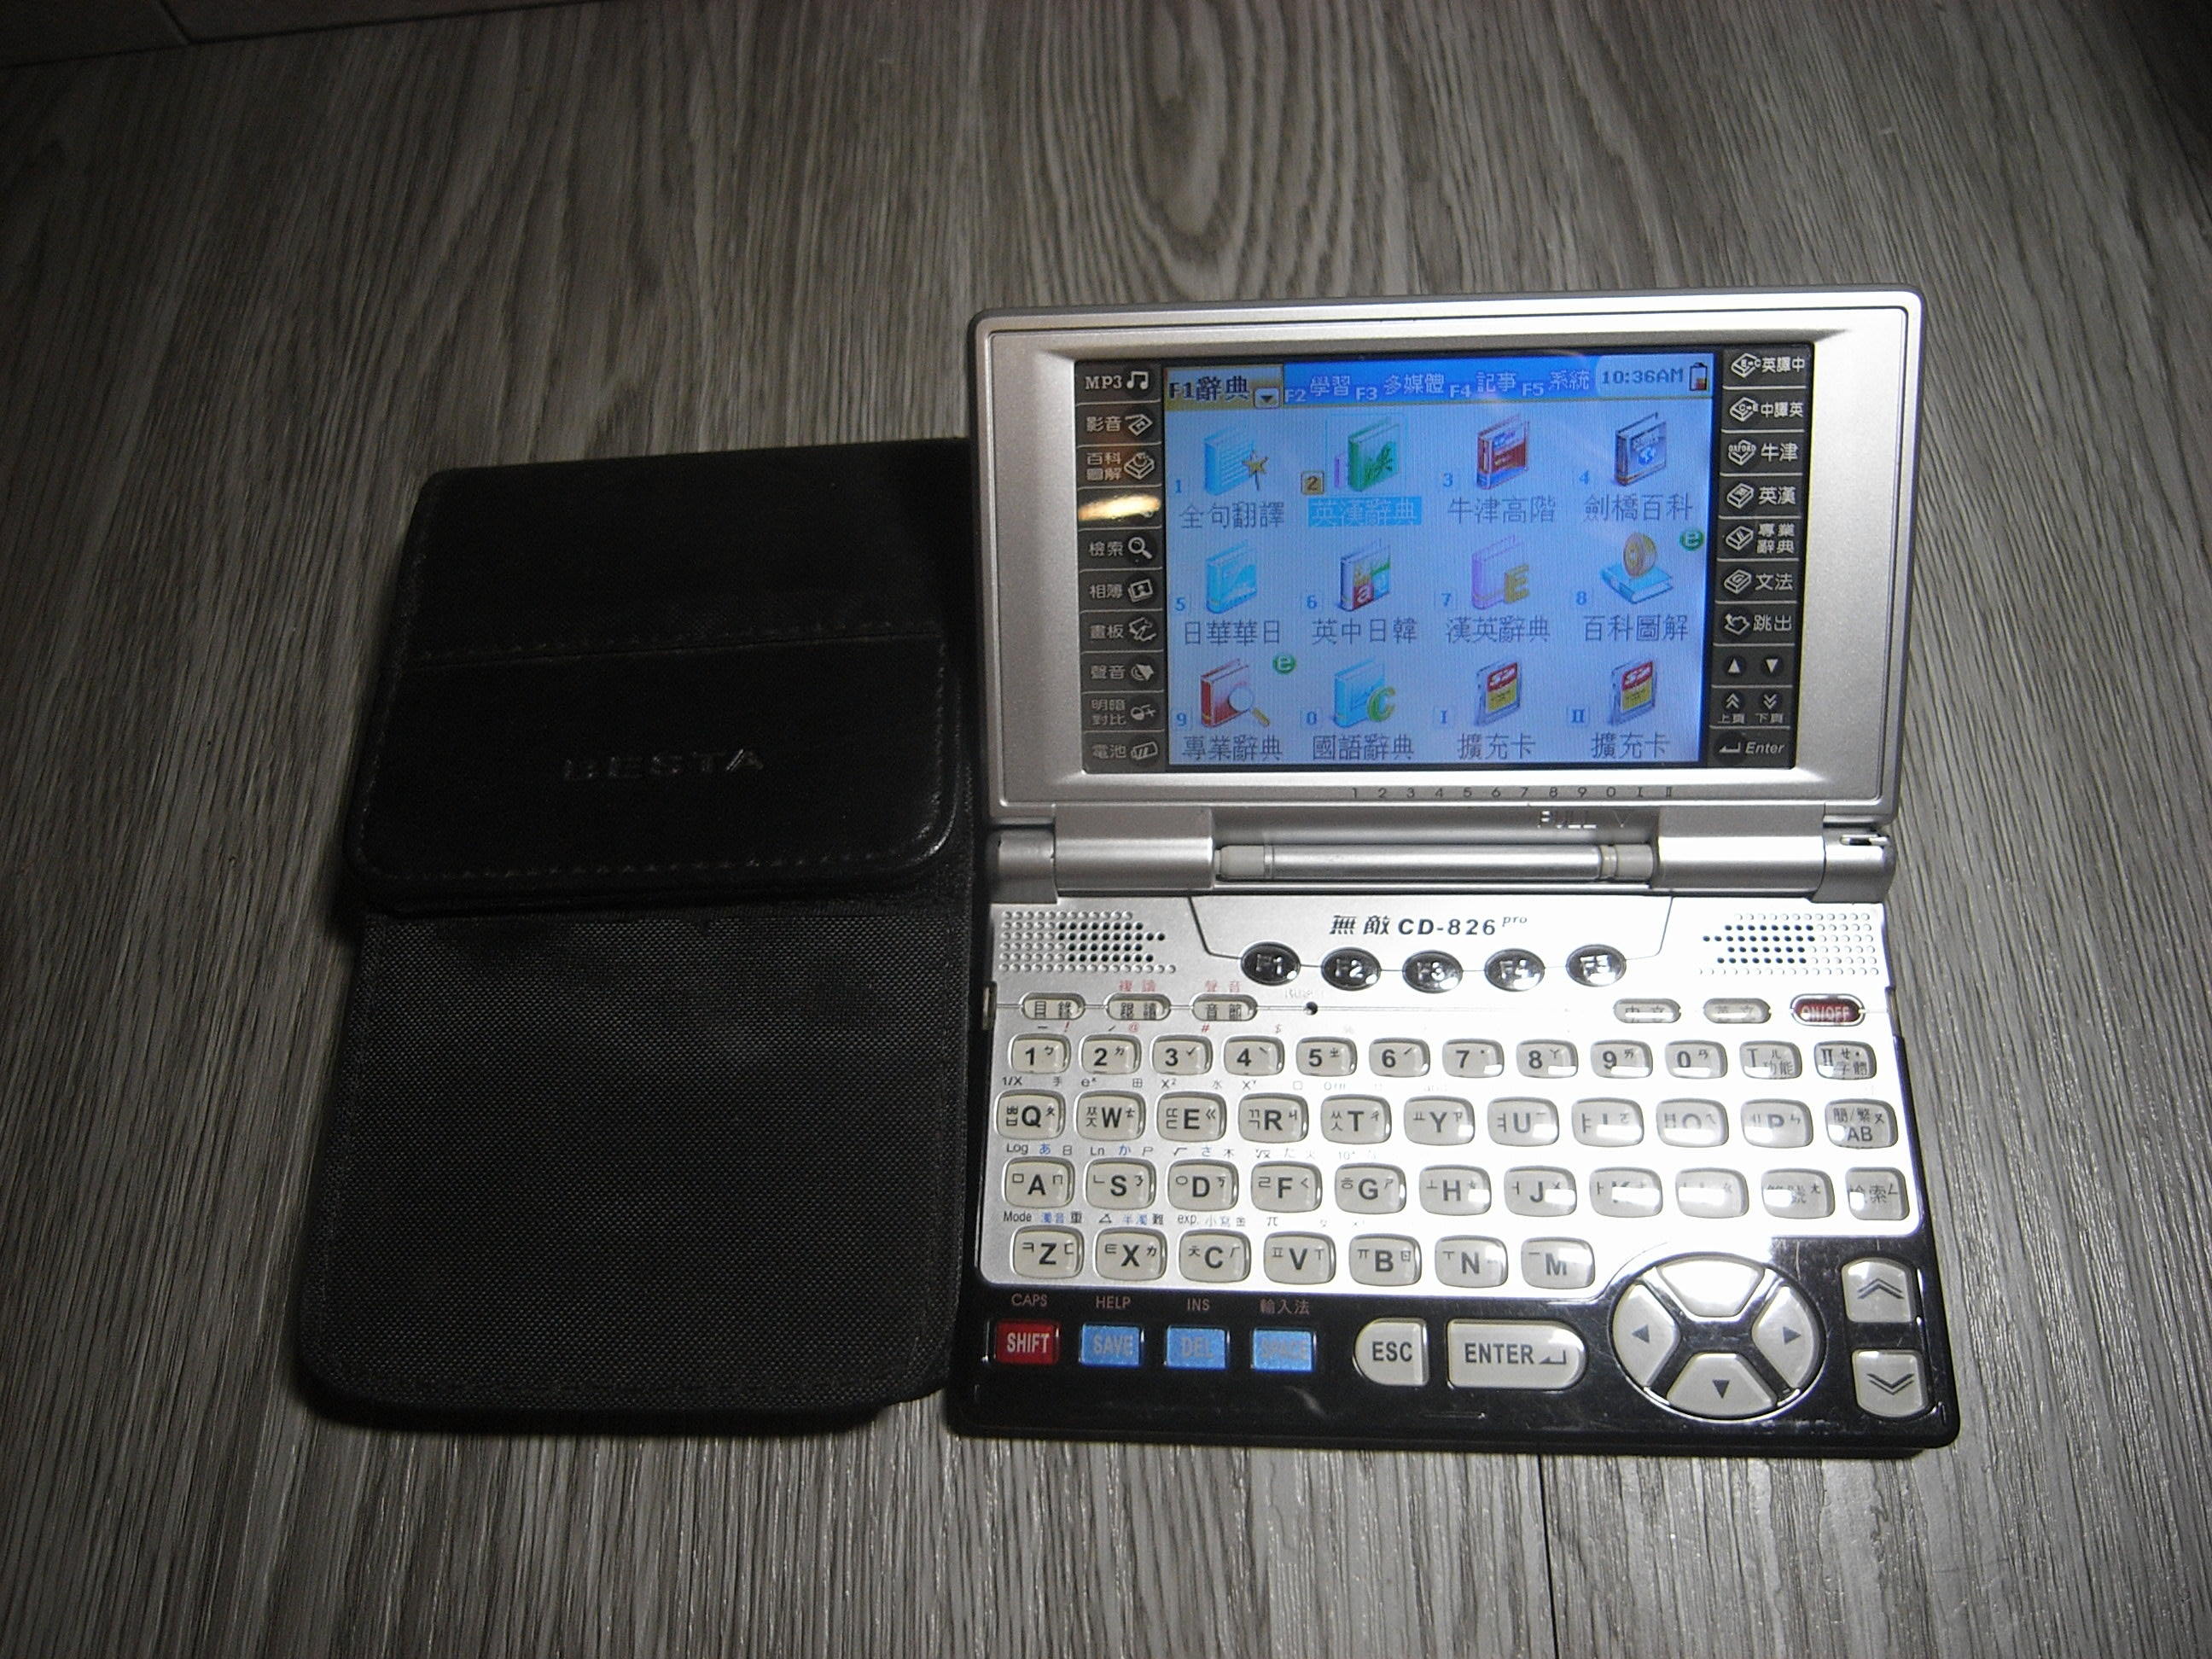 二手- 故障 無敵 電腦辭典 翻譯機  CD-826 CD826  /電子字典/電腦辭典/電子辭典/翻譯機-零件機